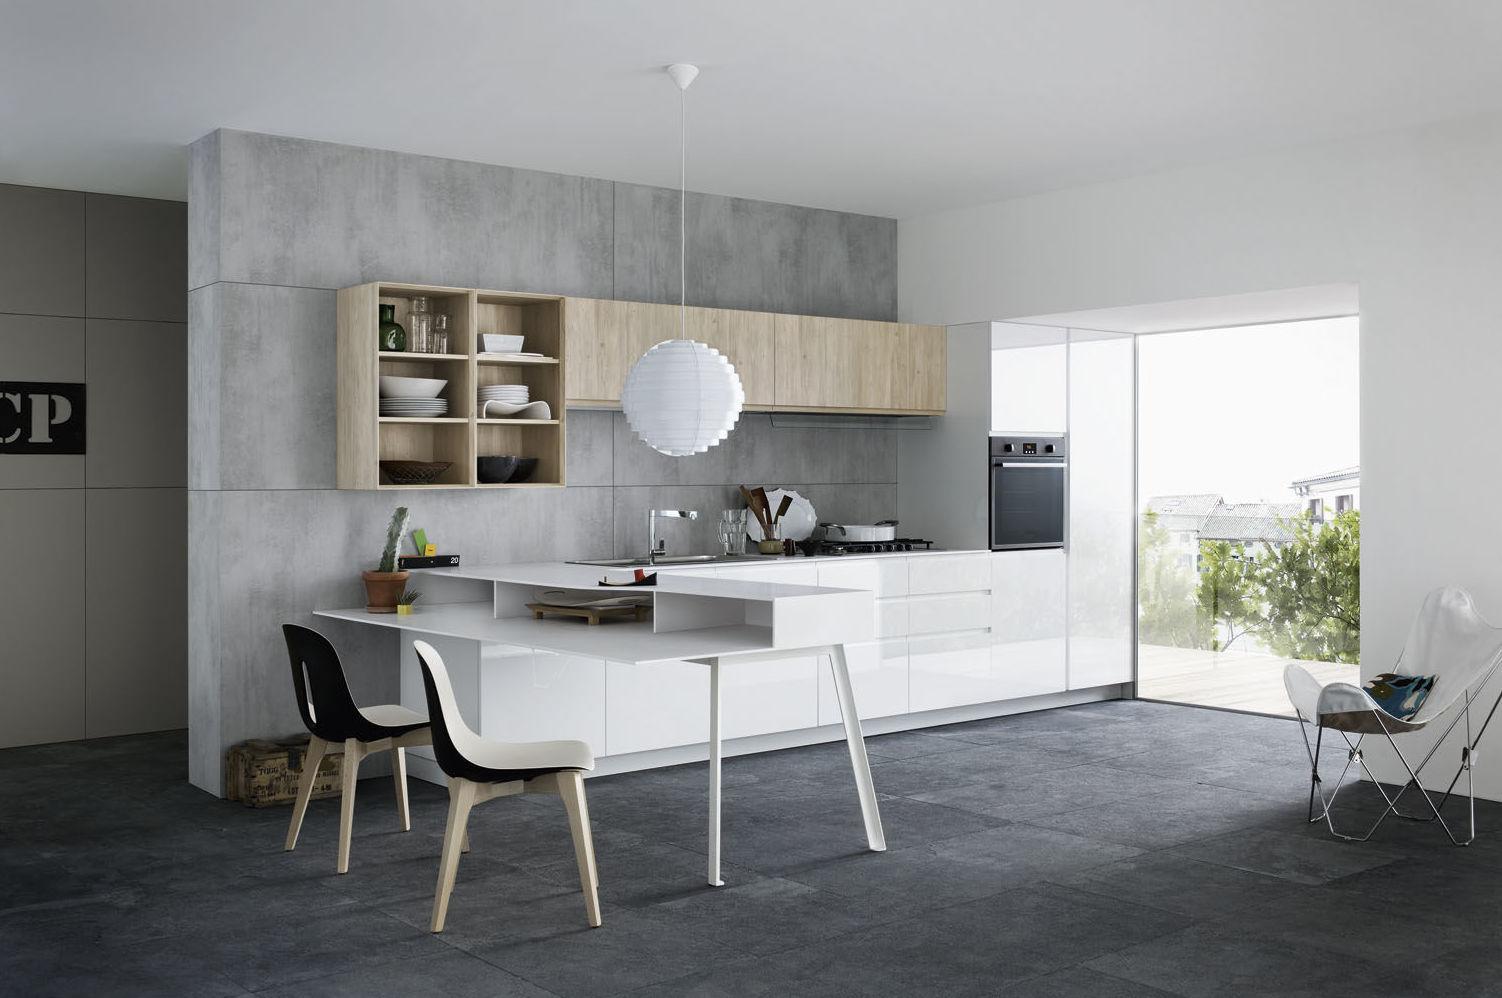 Tiendas de muebles de cocina en Bilbao de firmas internacionales